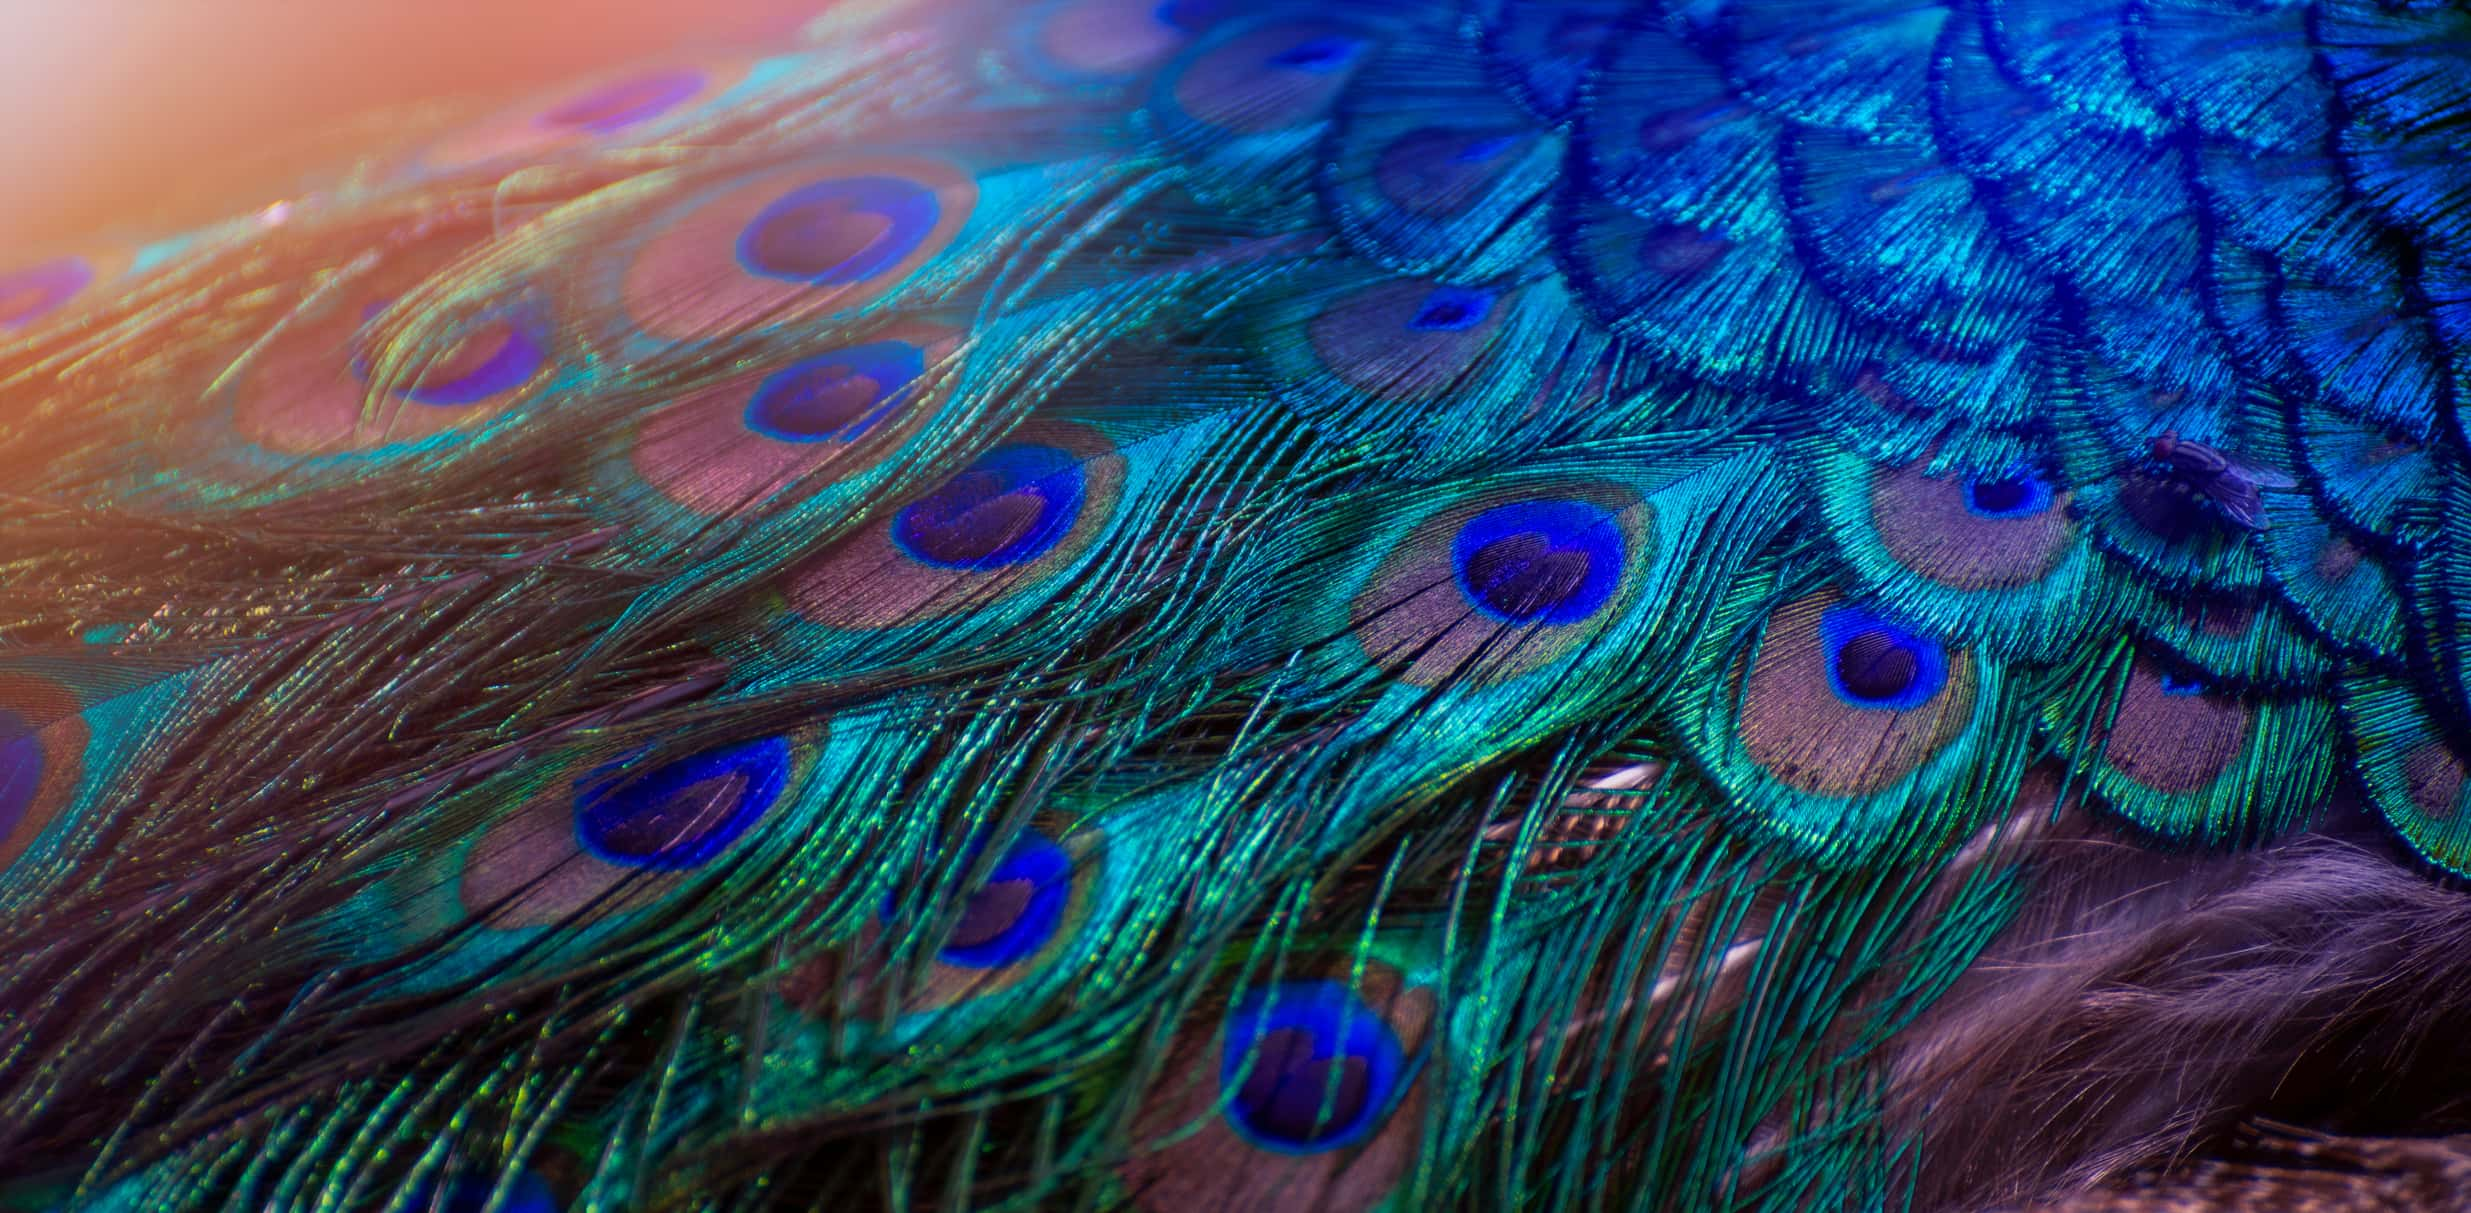 trắc nghiệm chiếc lông vũ của chim công